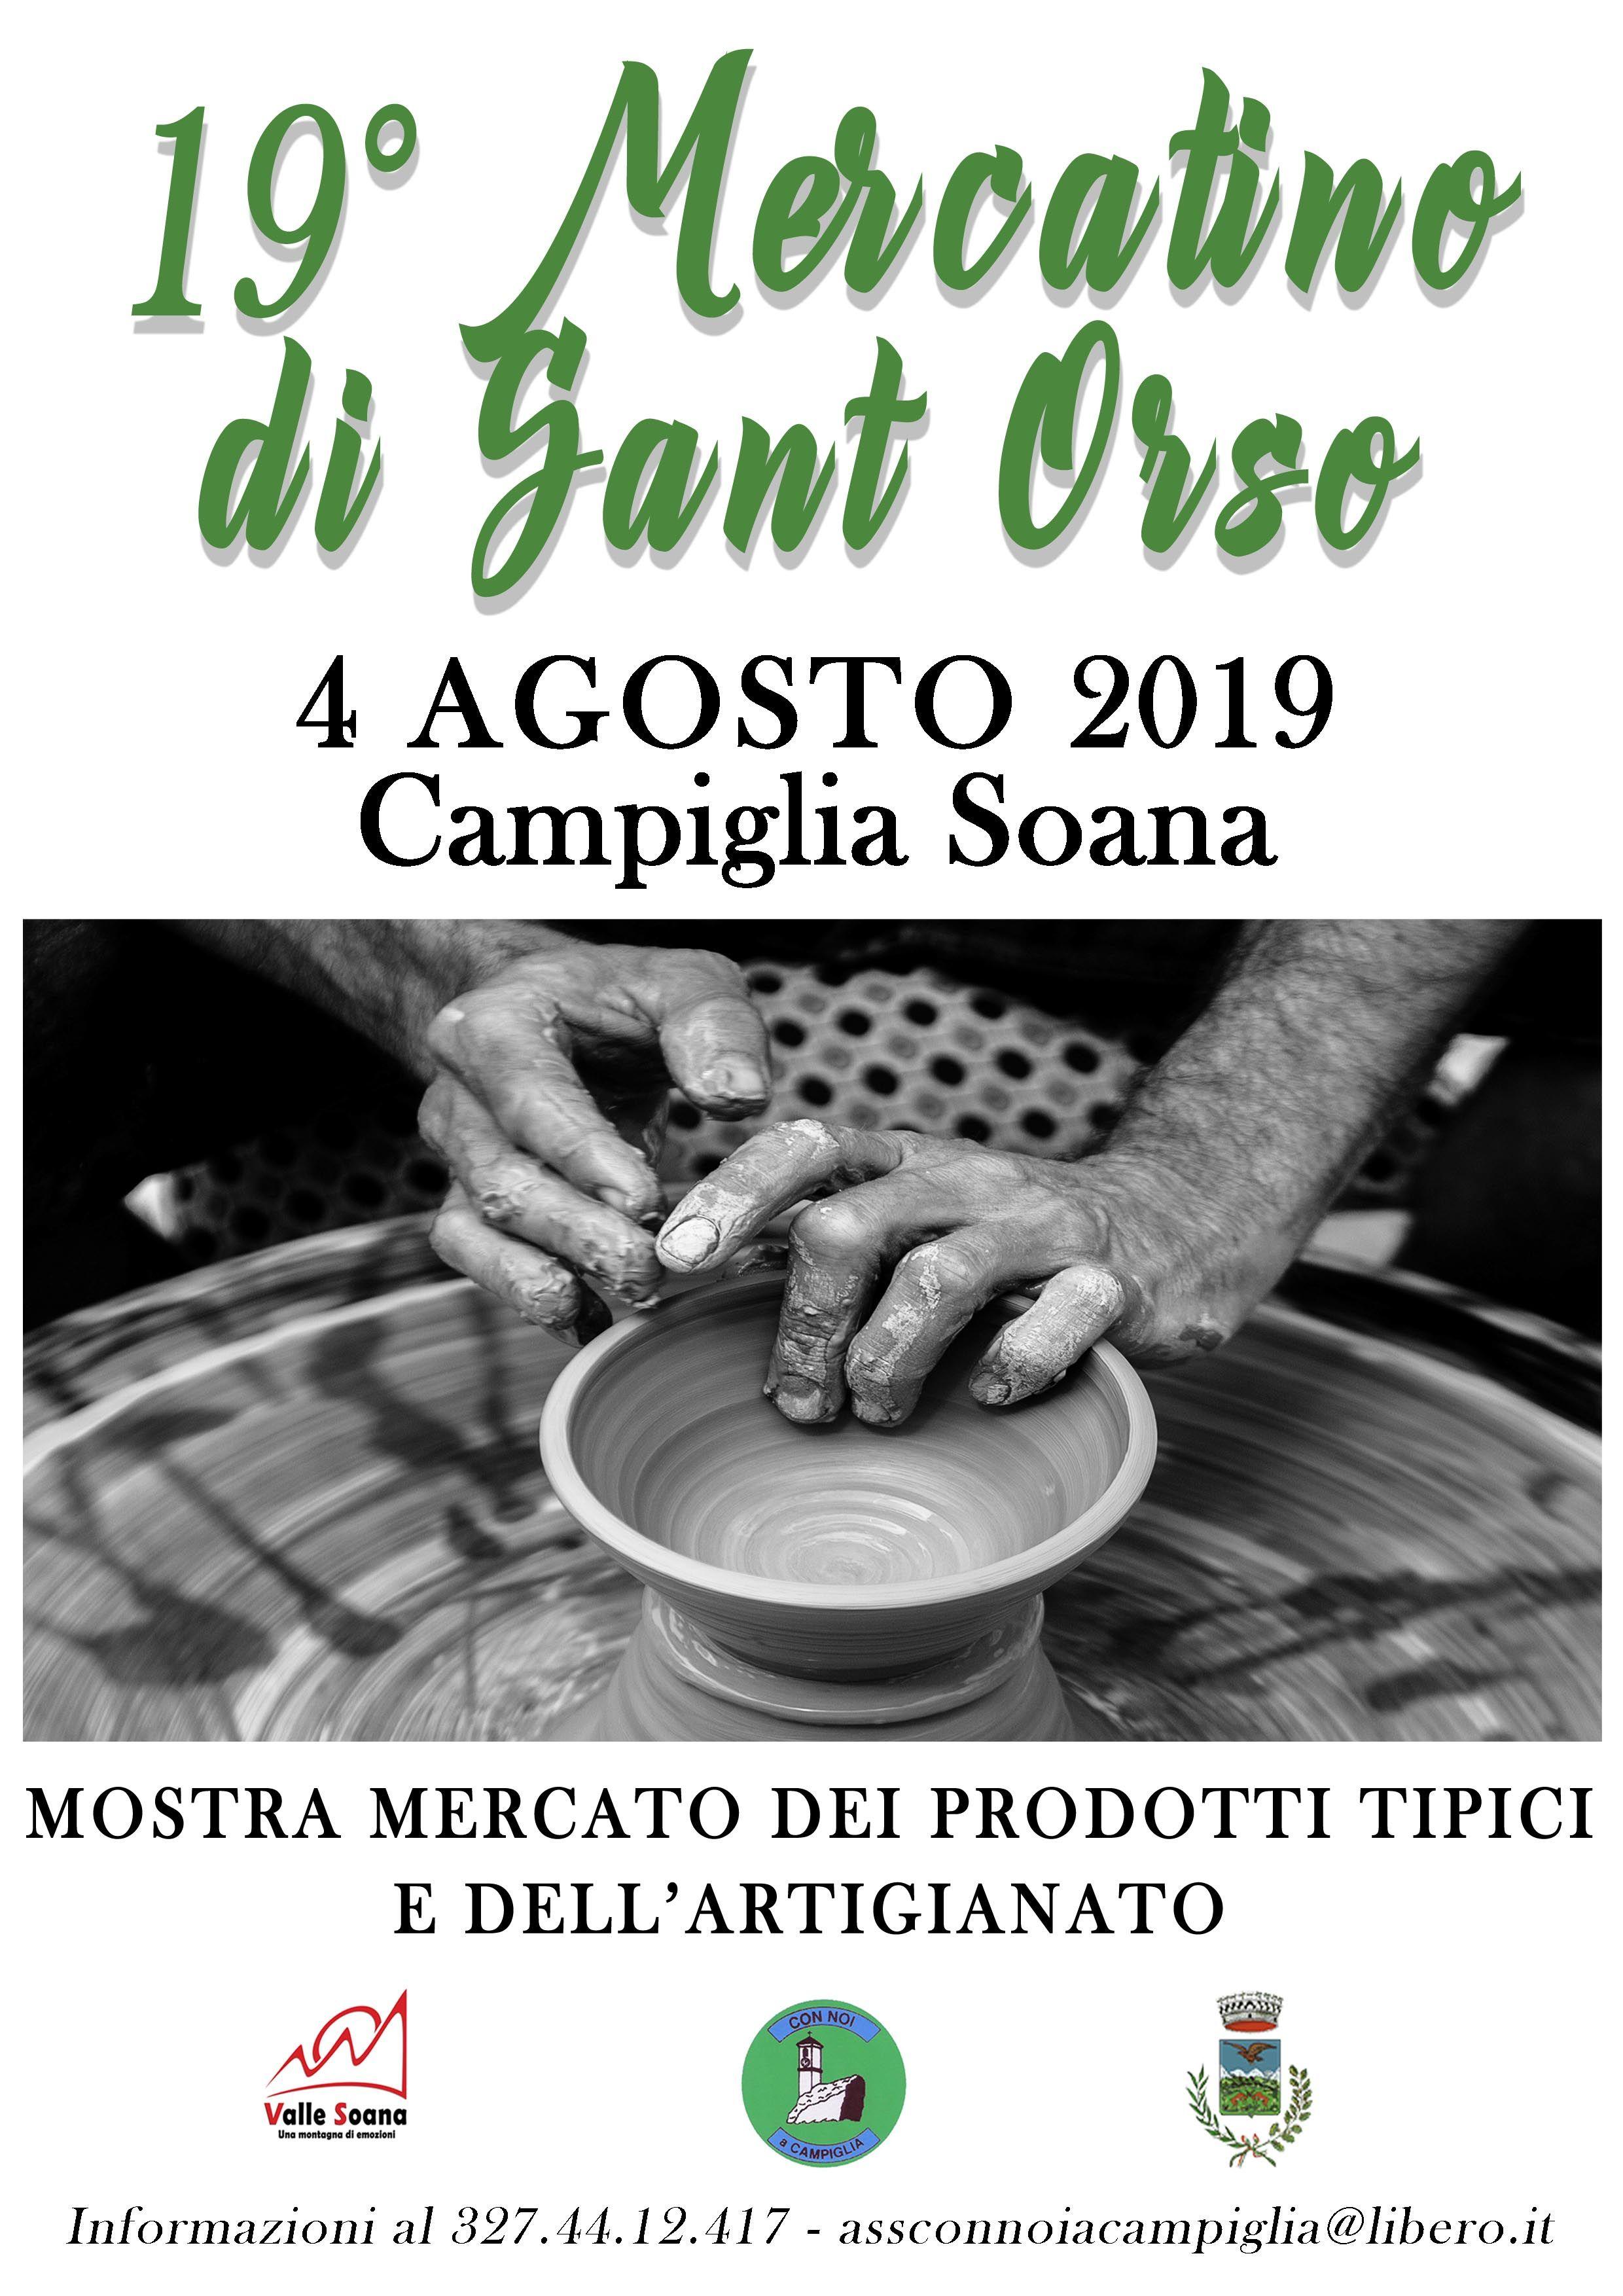 CAMPIGLIA SOANA - La prima domenica di agosto torna il tradizionale Mercatino di Sant Orso